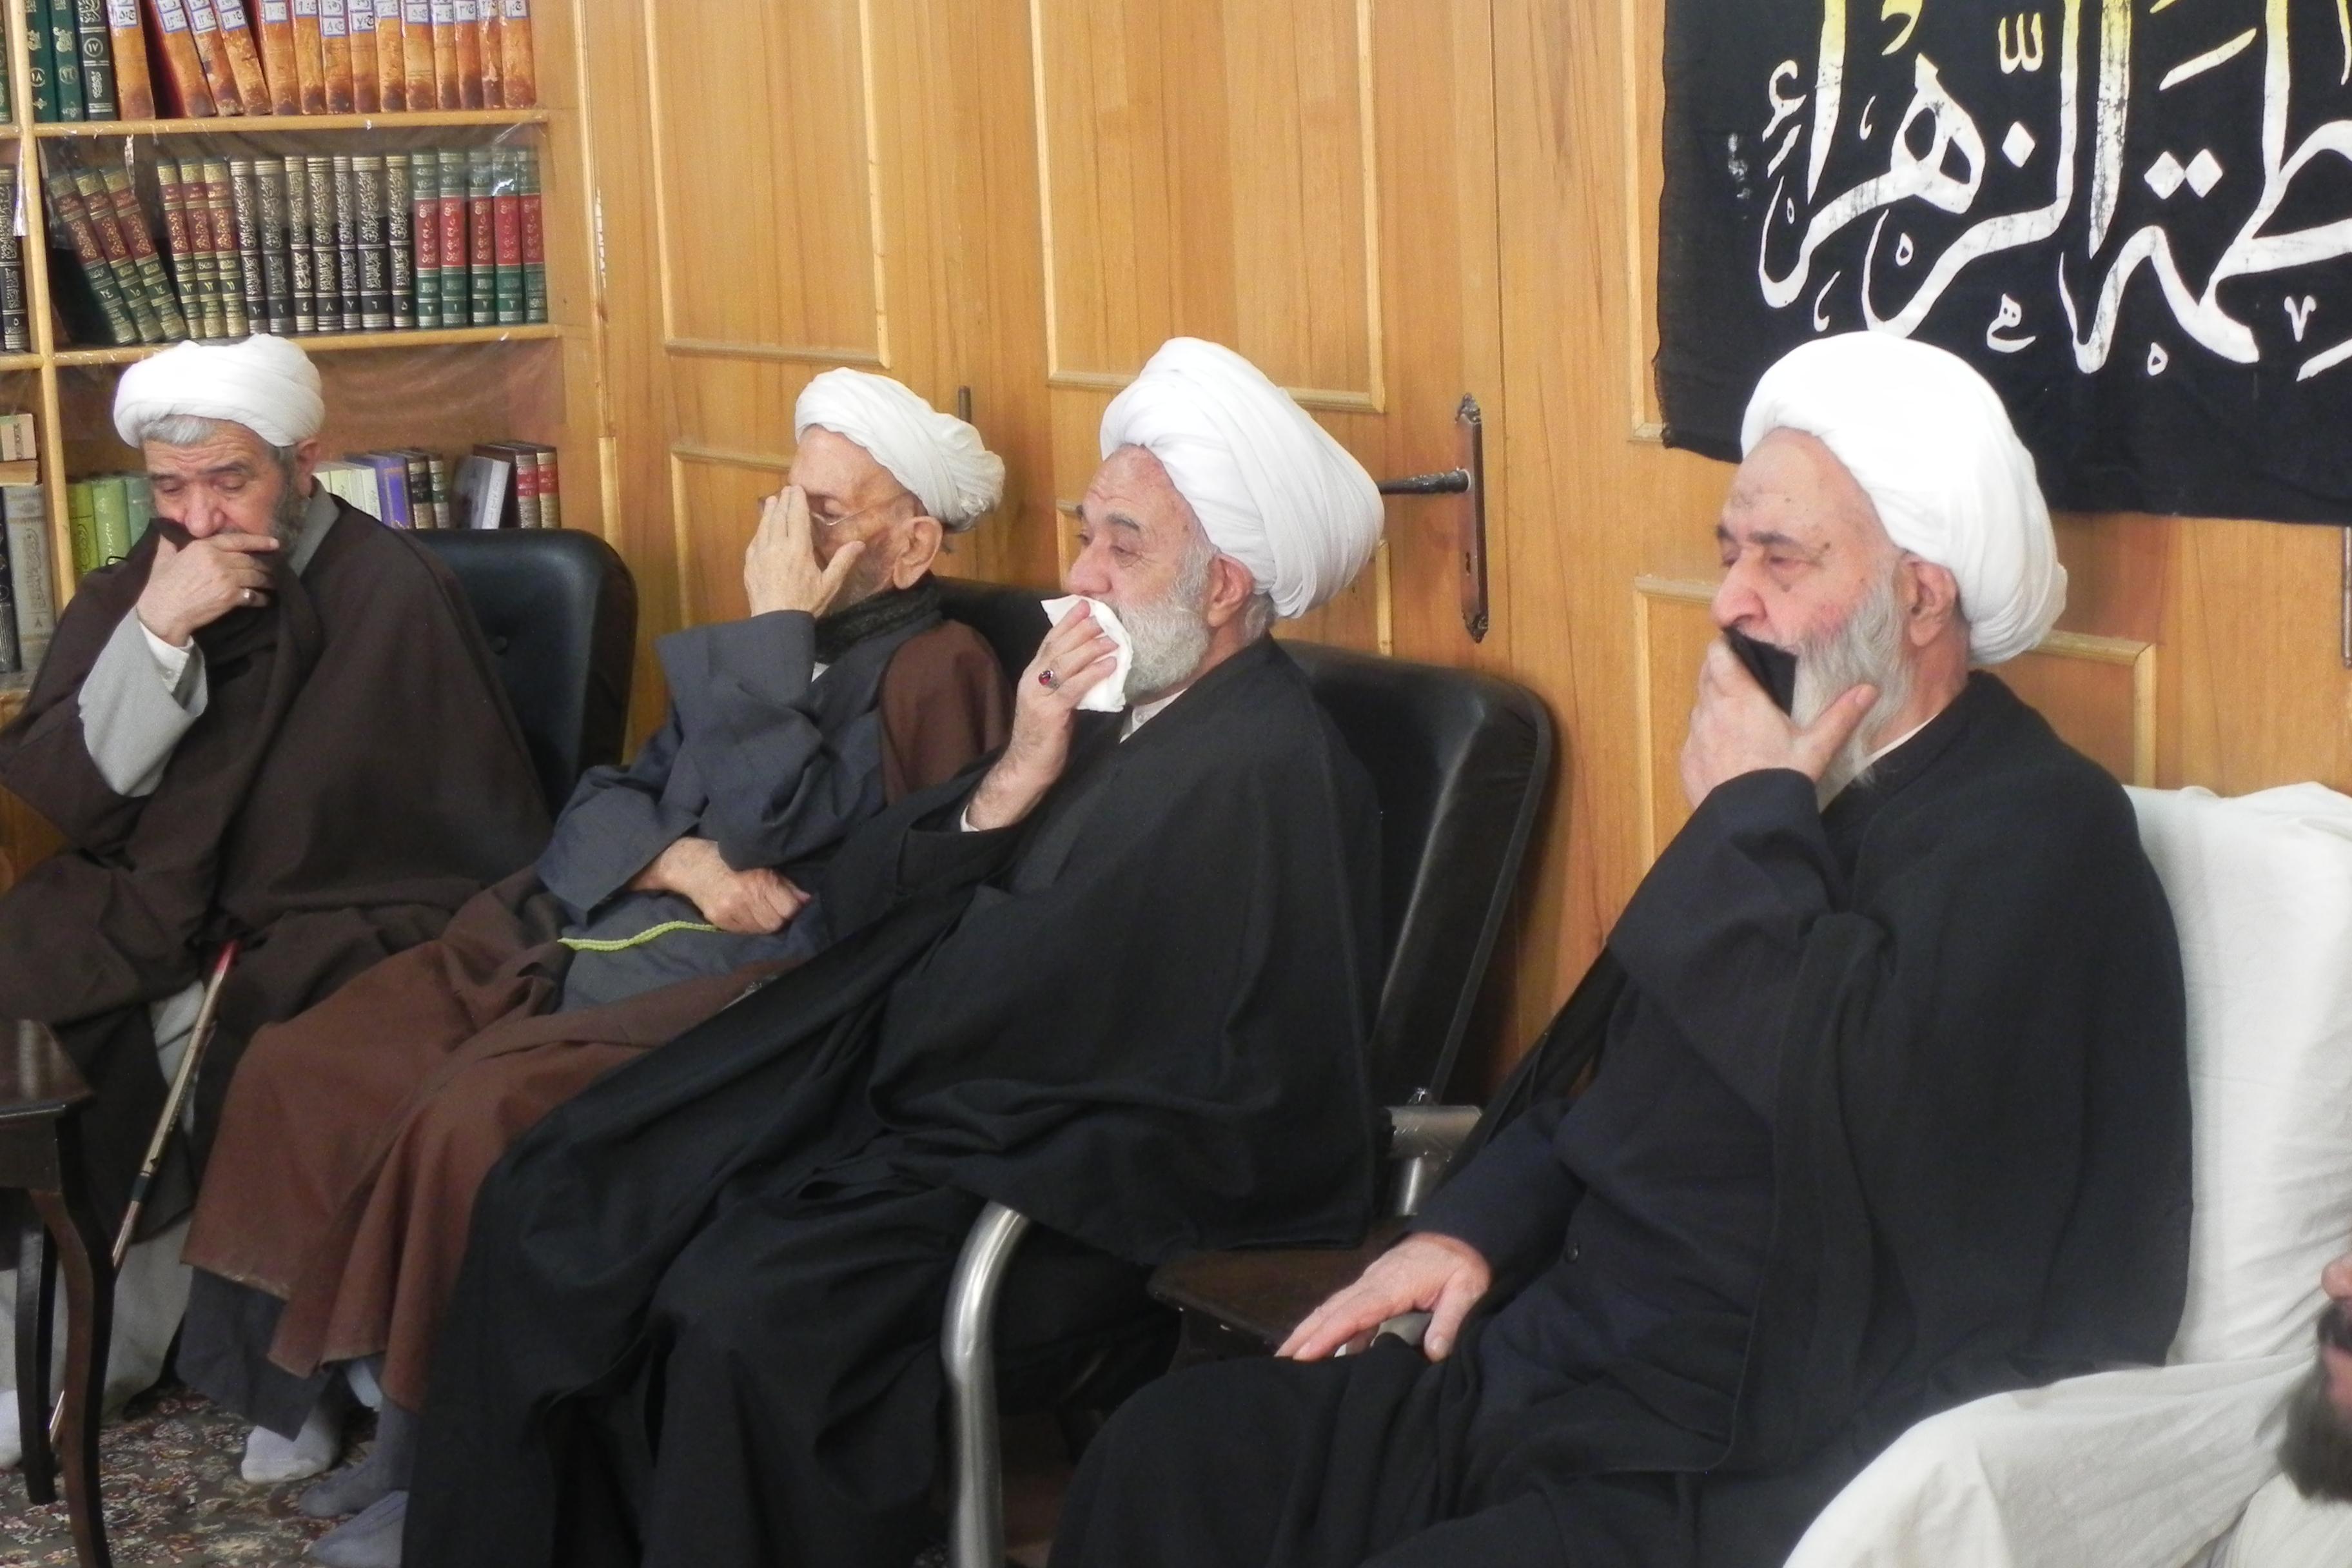 گزارش تصویری مراسم عزاداری شهادت حضرت فاطمه زهرا علیها السّلام در بیت معظم له